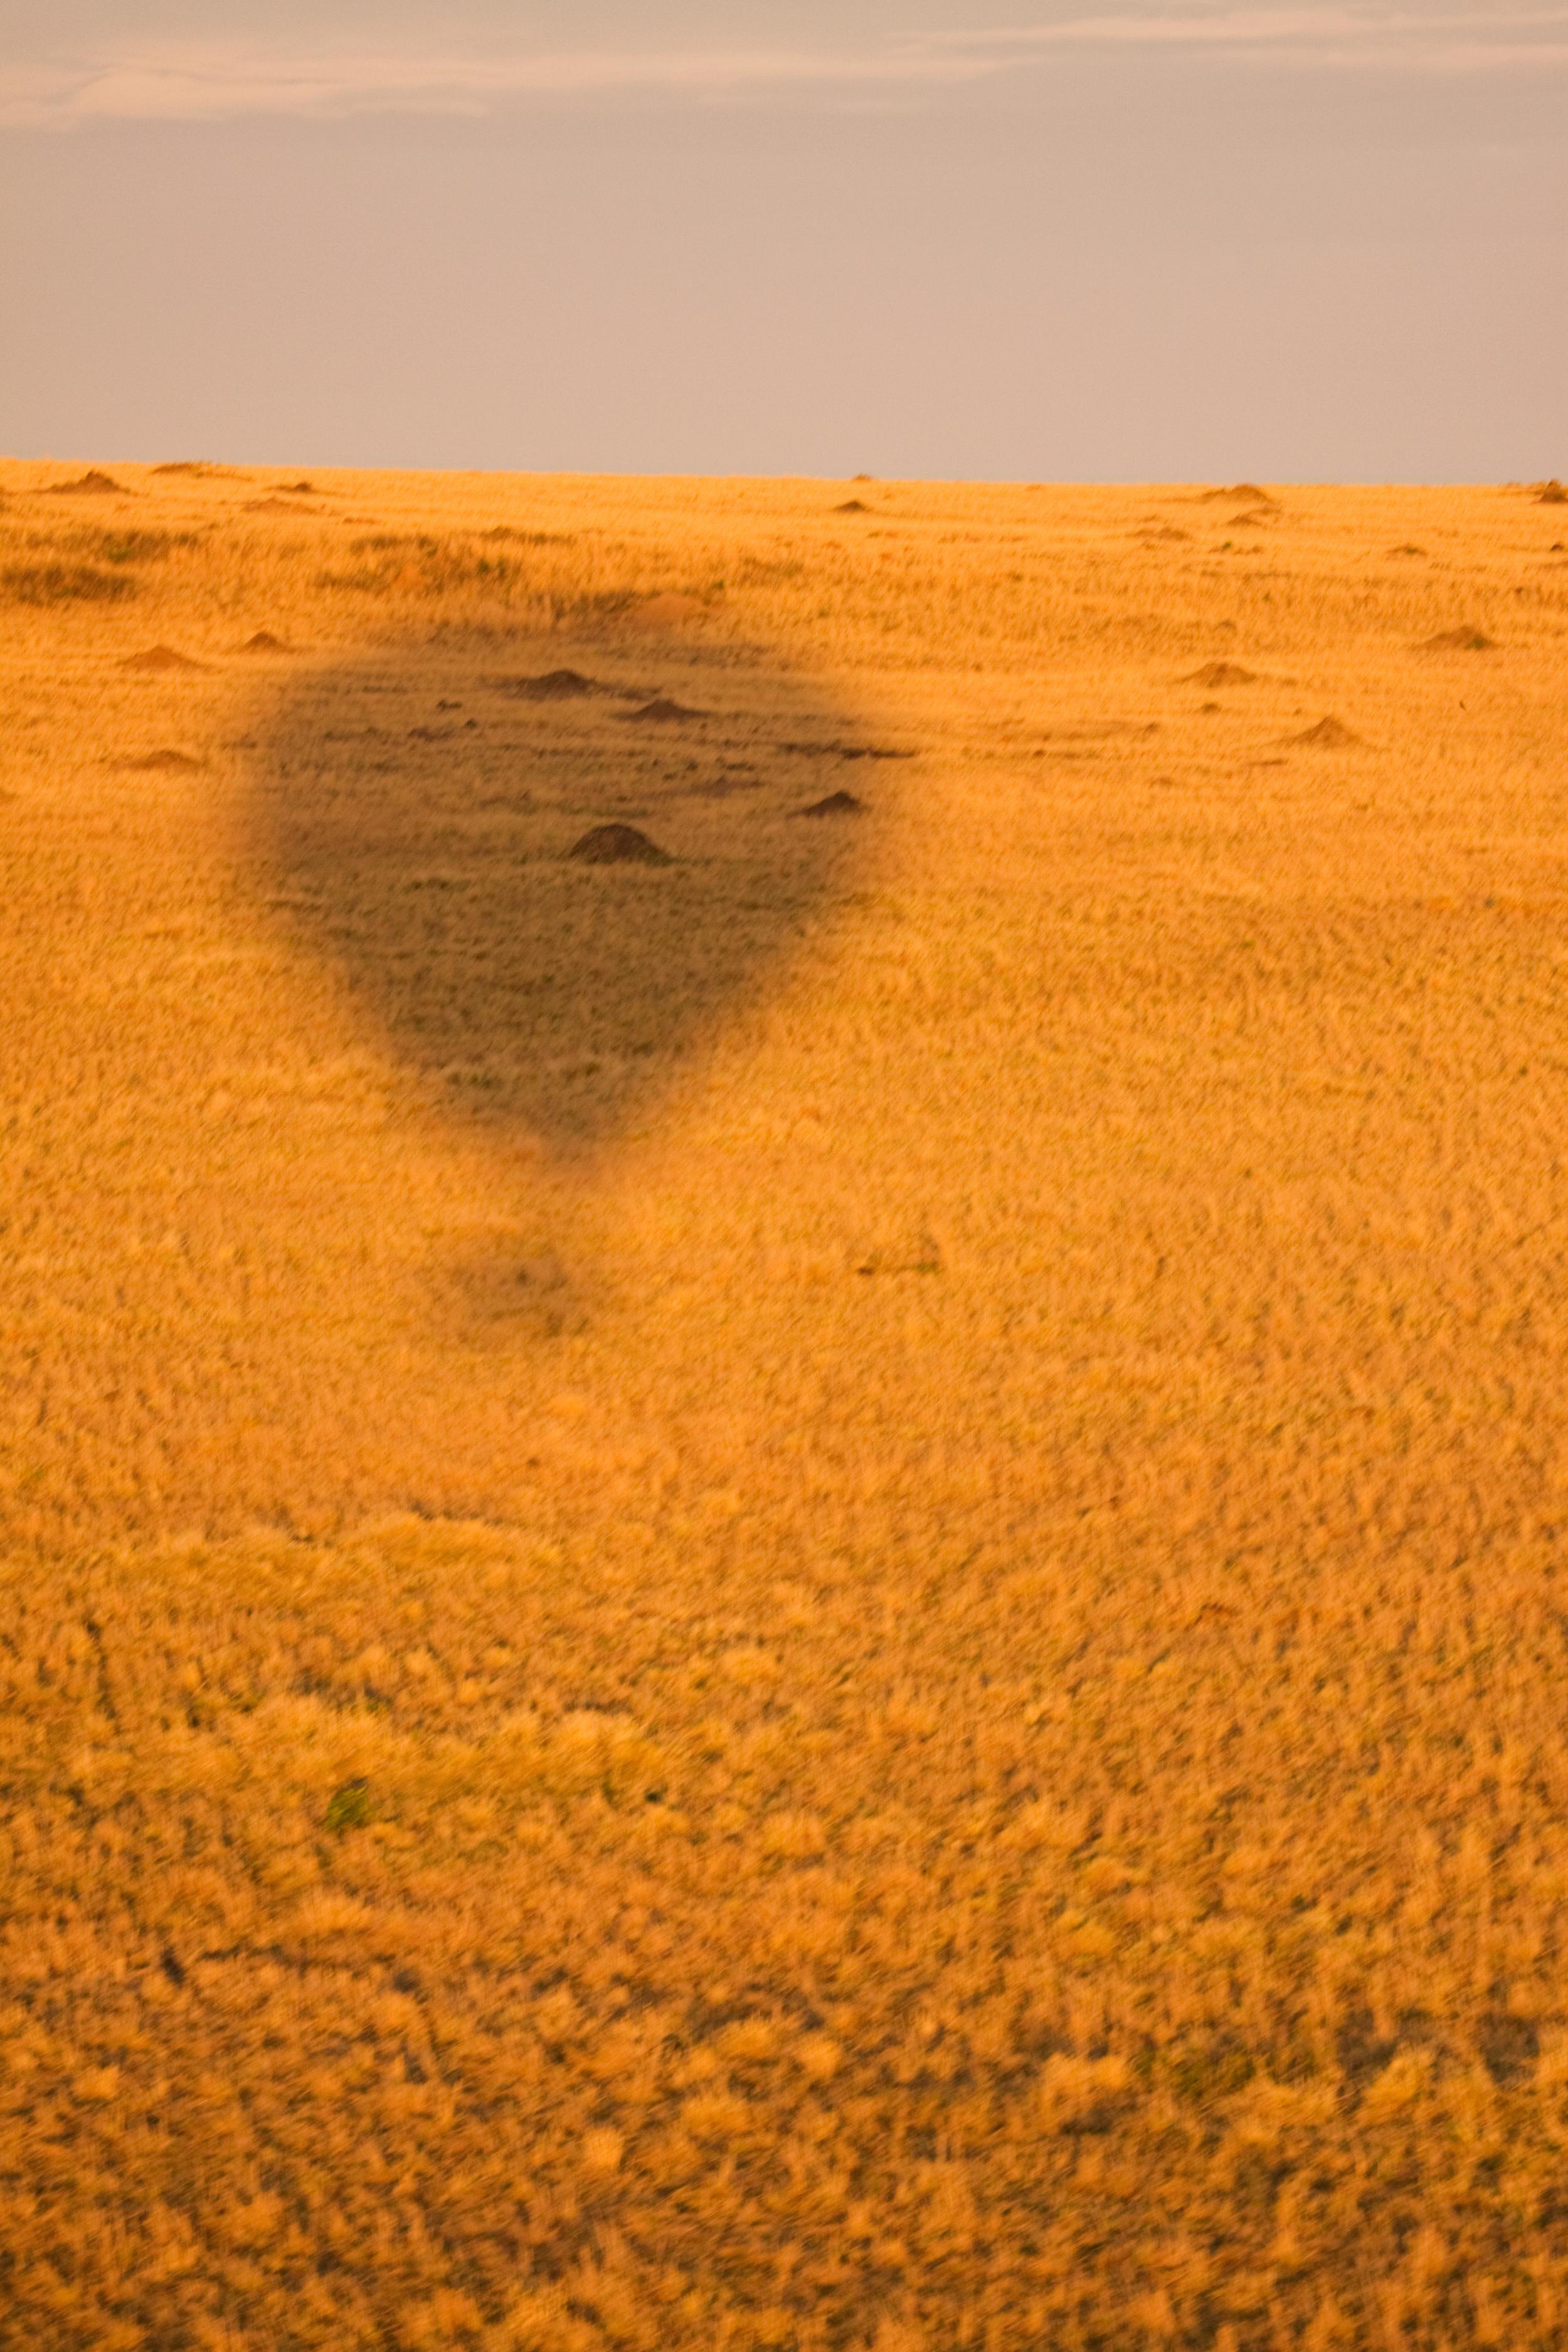 Silhouette of Hot Air Ballon over the Masai Mara